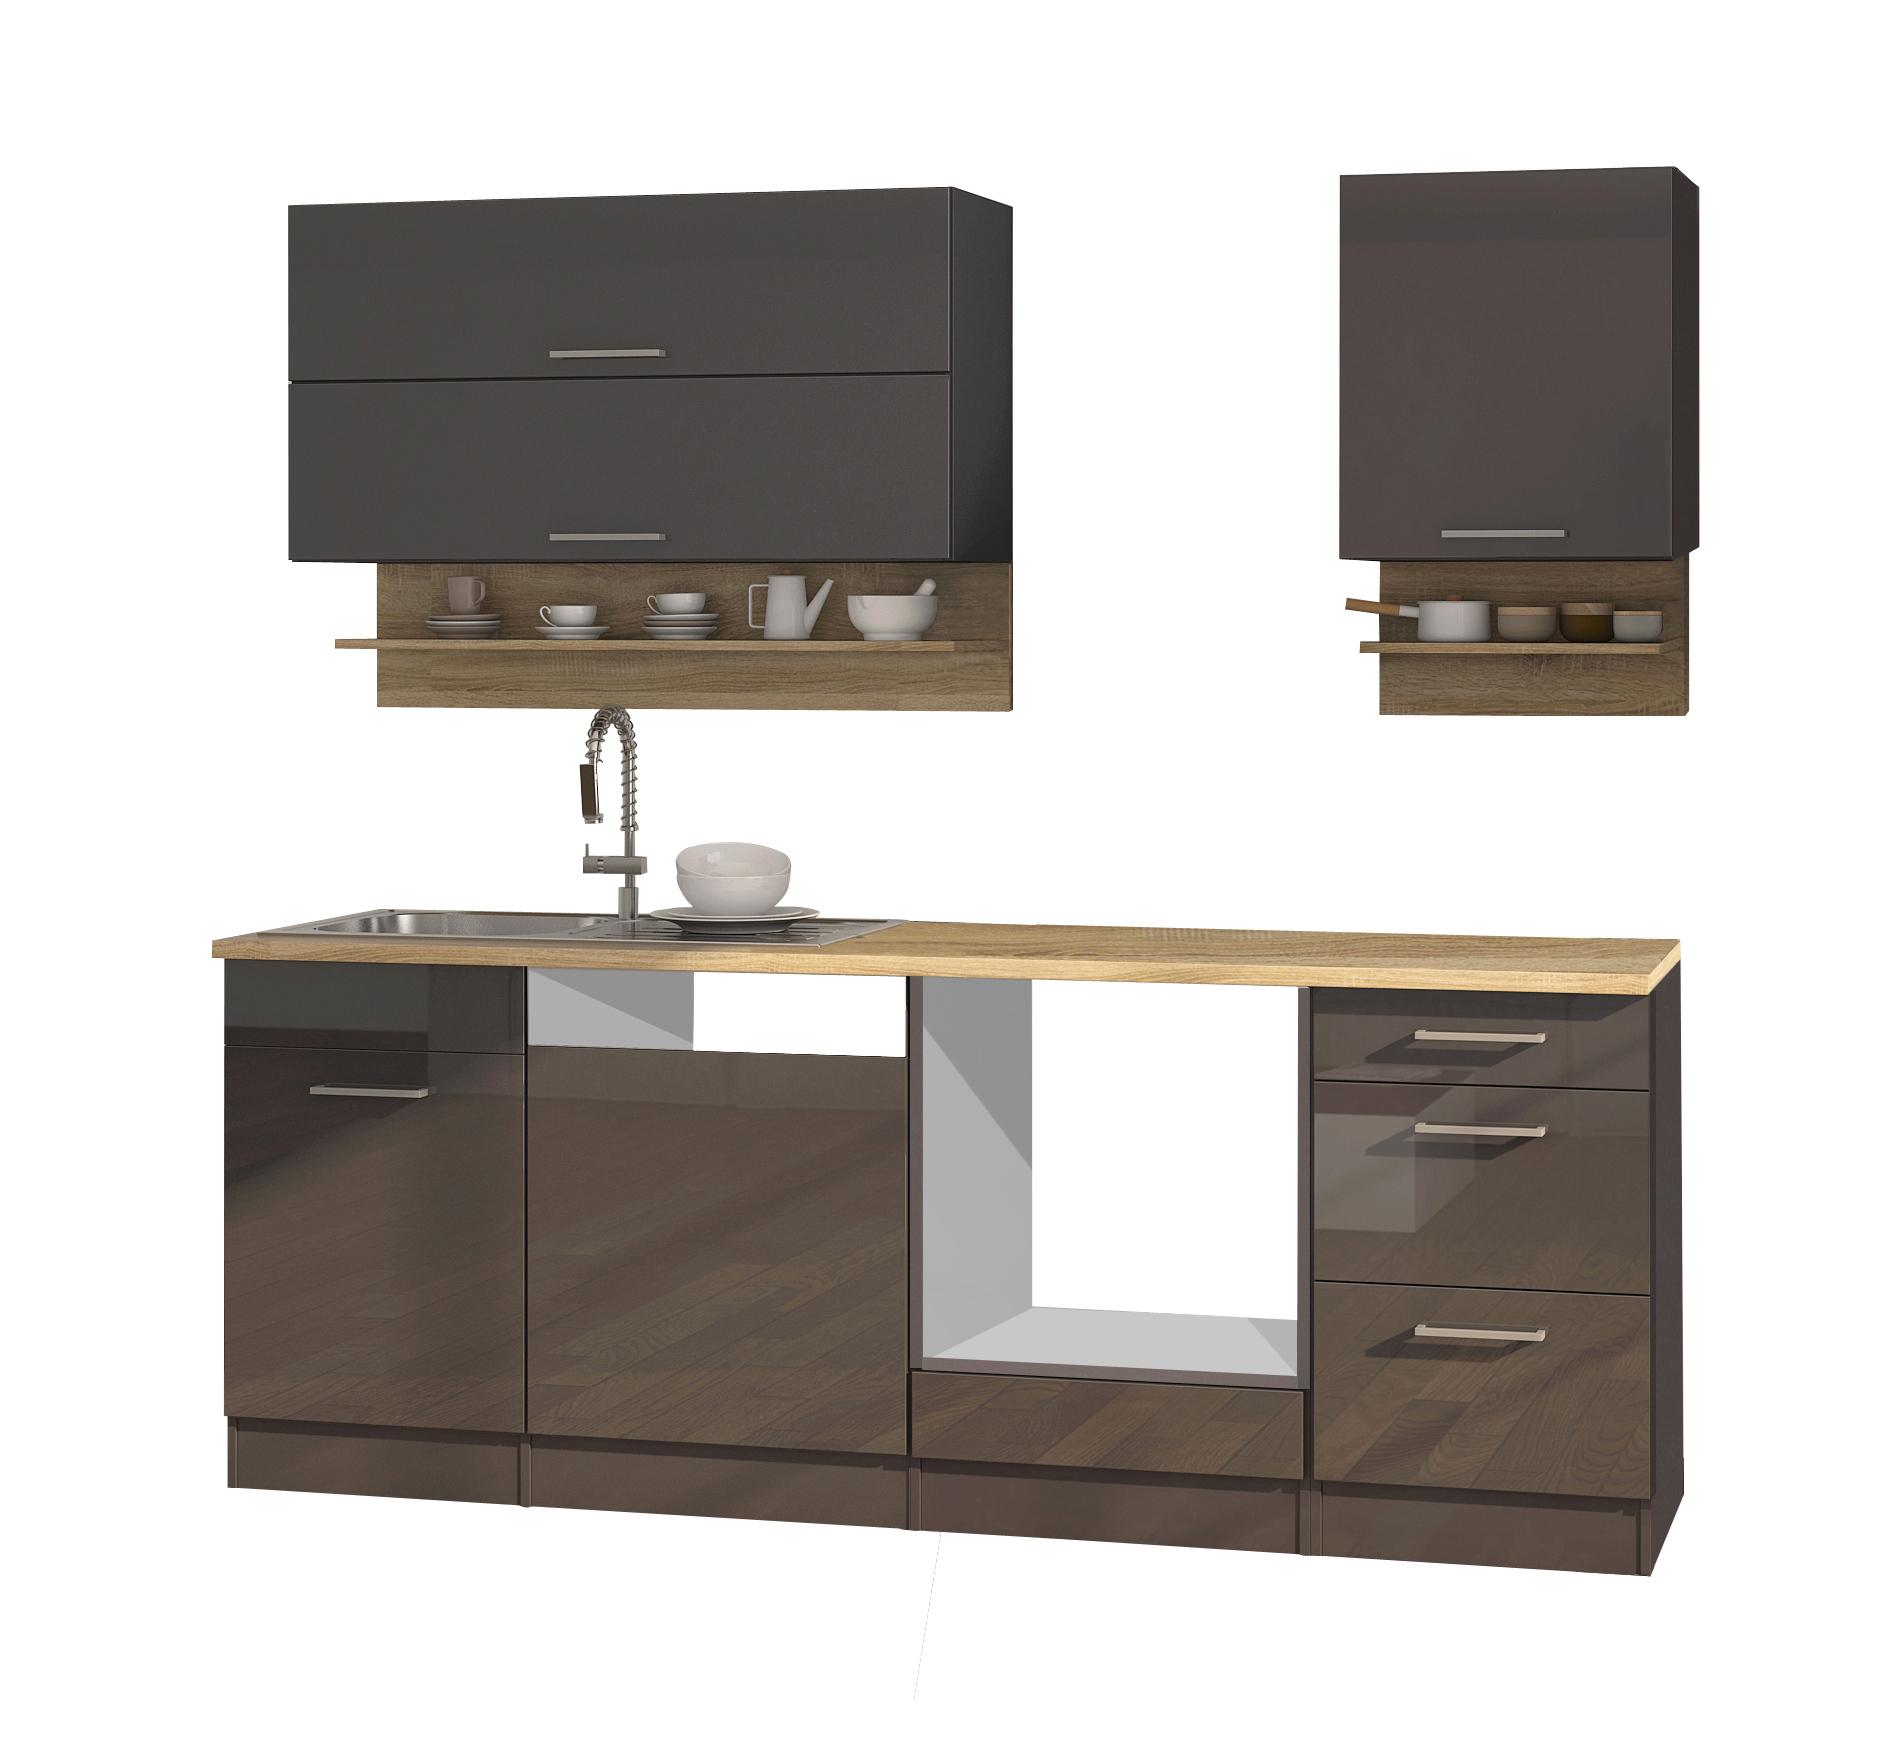 k chenzeile m nchen vario 1 k chen leerblock breite 220 cm hochglanz grau graphit. Black Bedroom Furniture Sets. Home Design Ideas